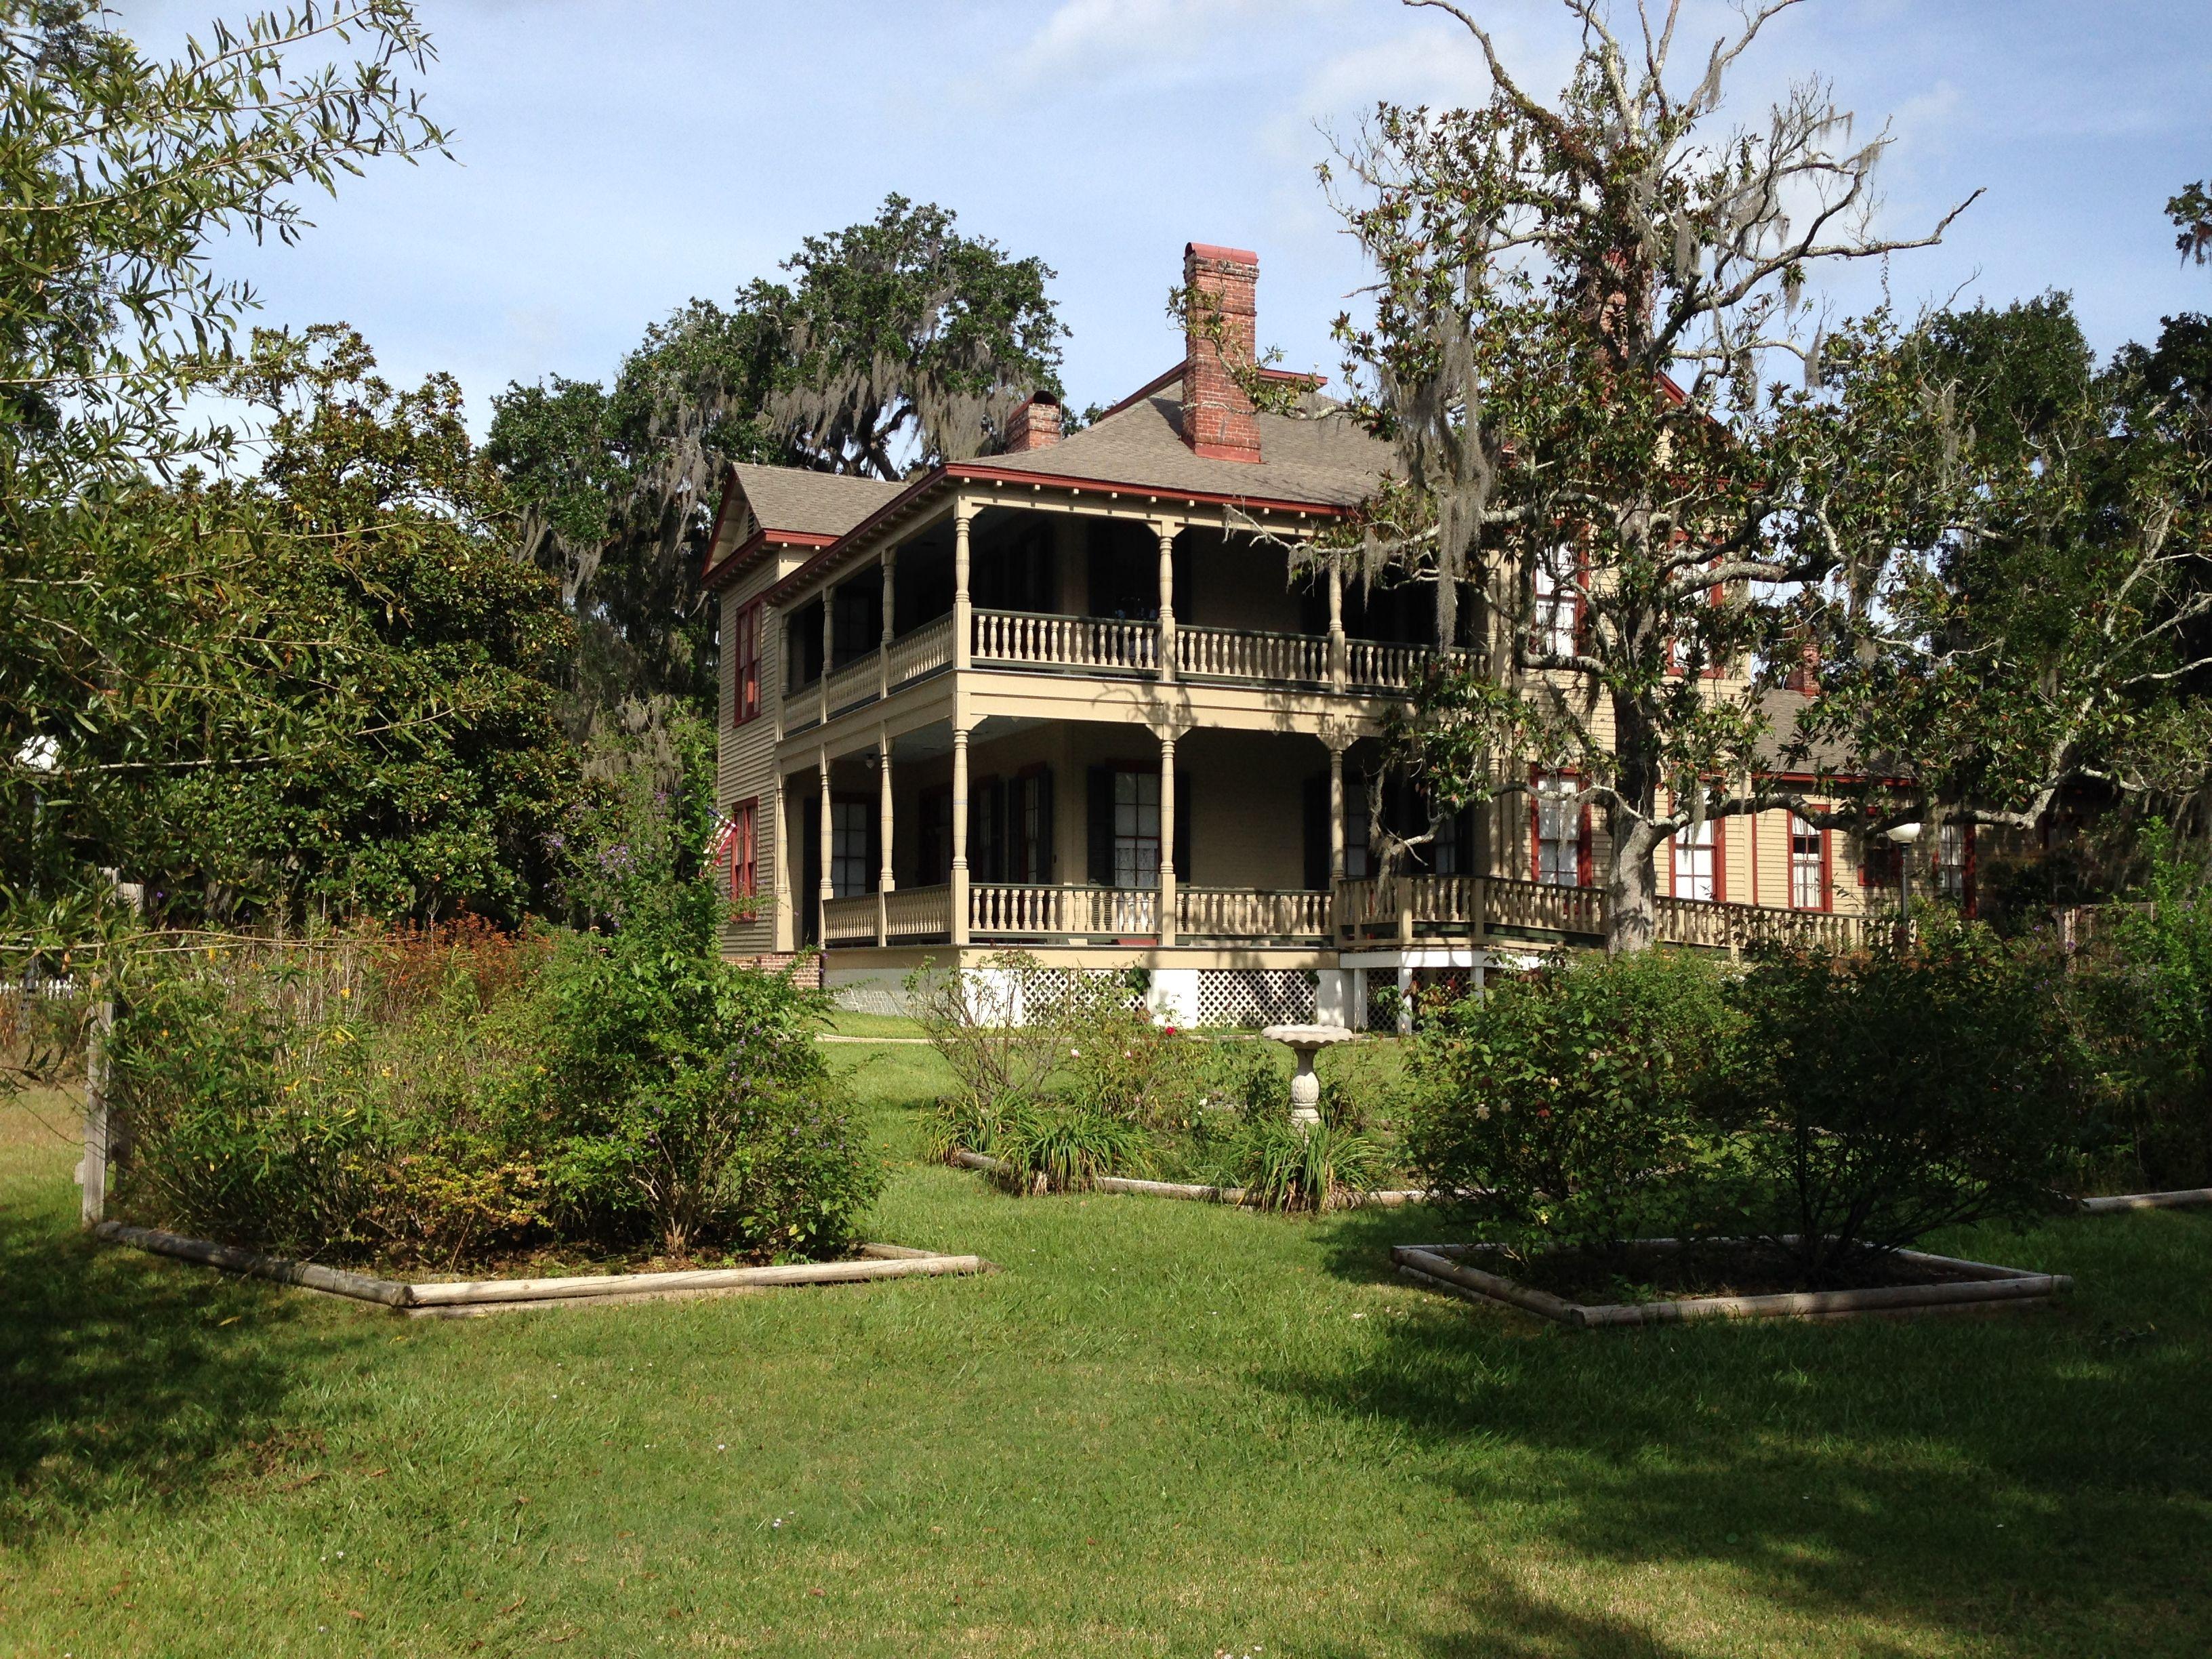 Otis House at Fairview-Riverside State Park  Madisonville